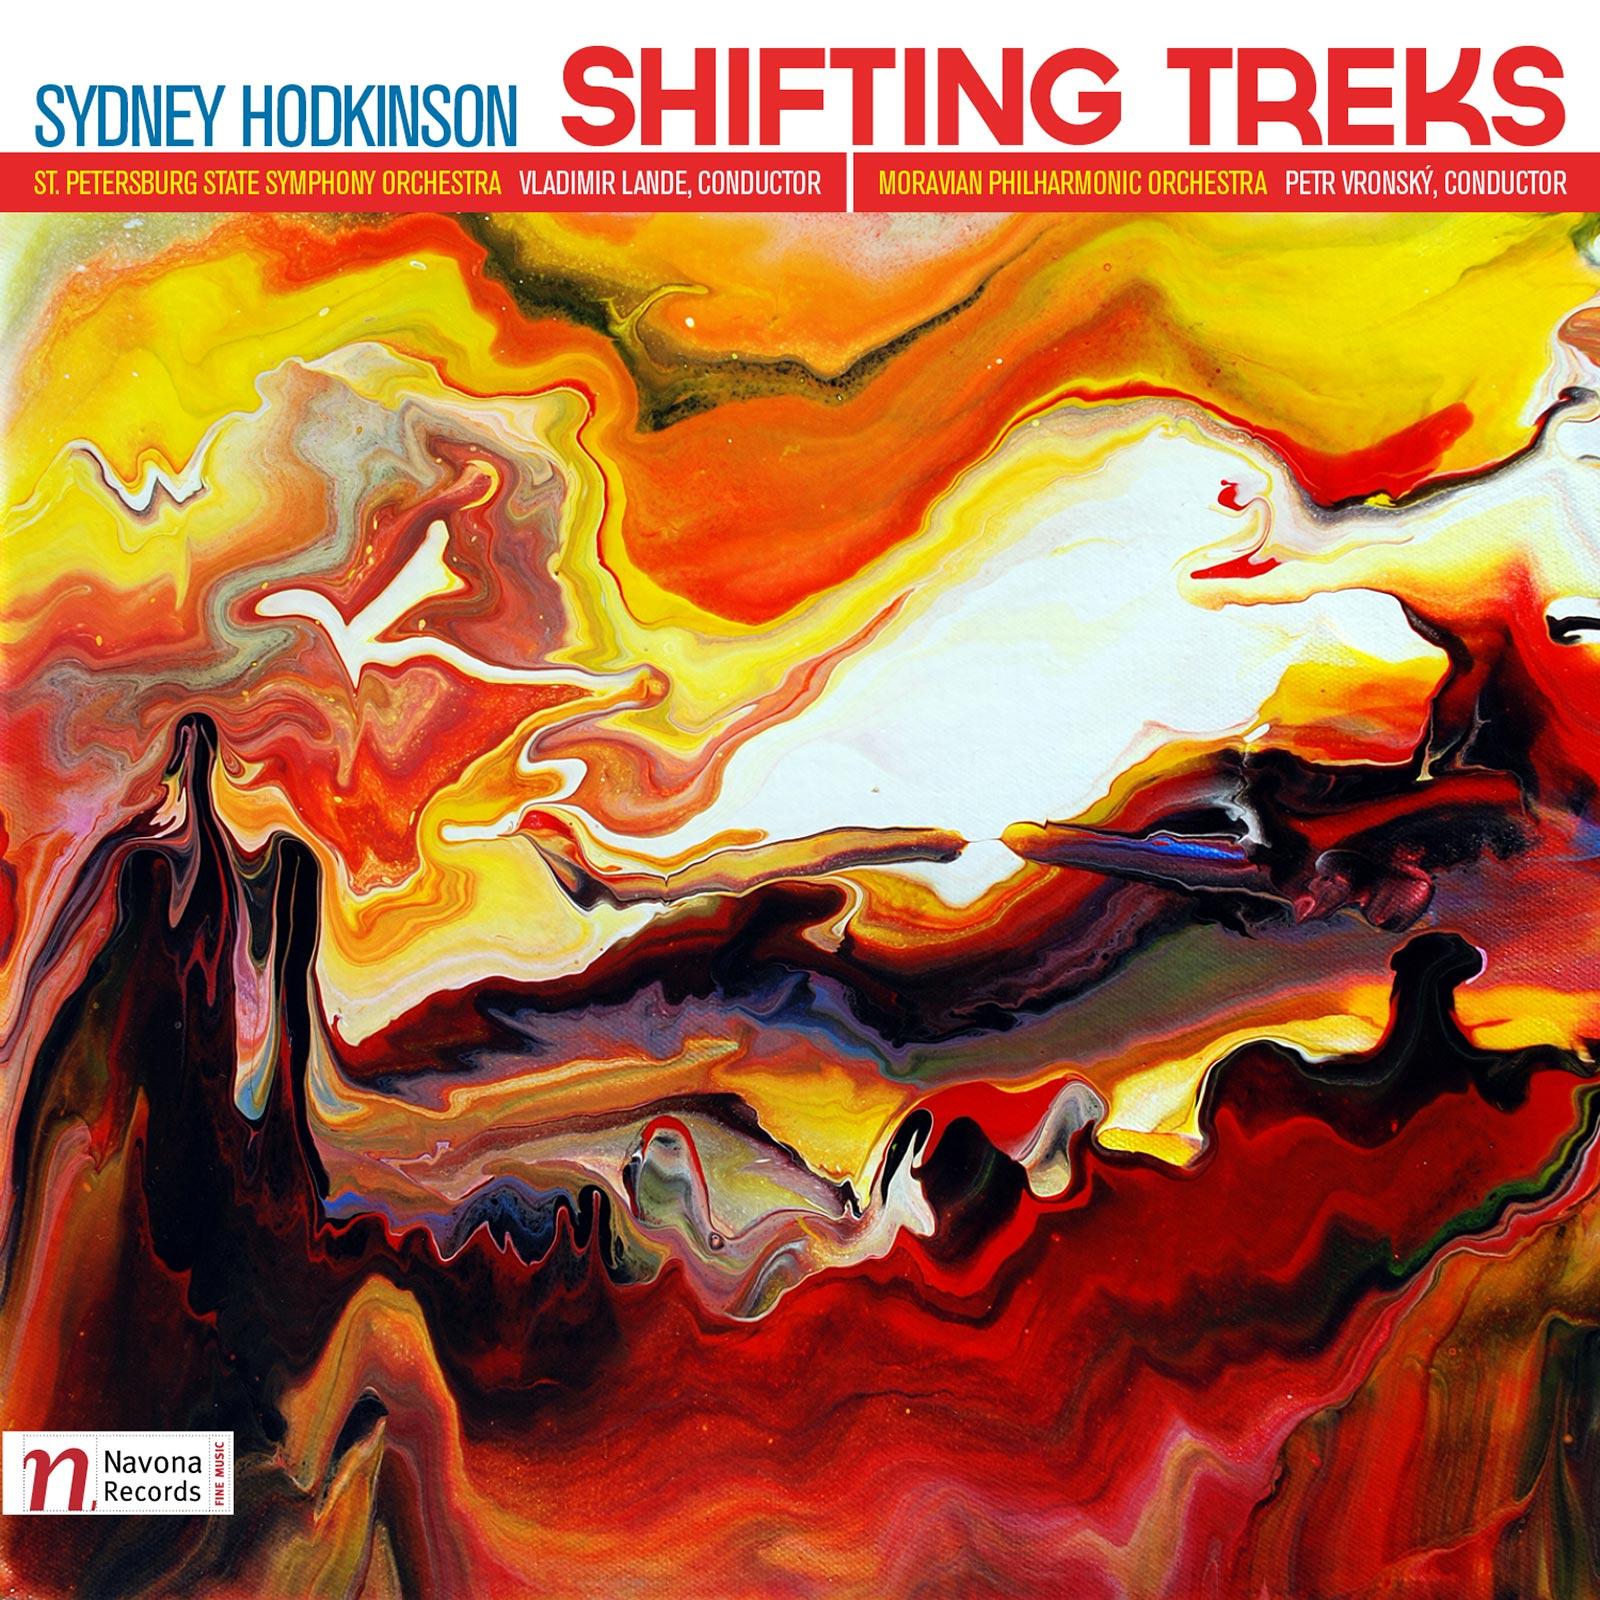 SHIFTING TREKS - album cover